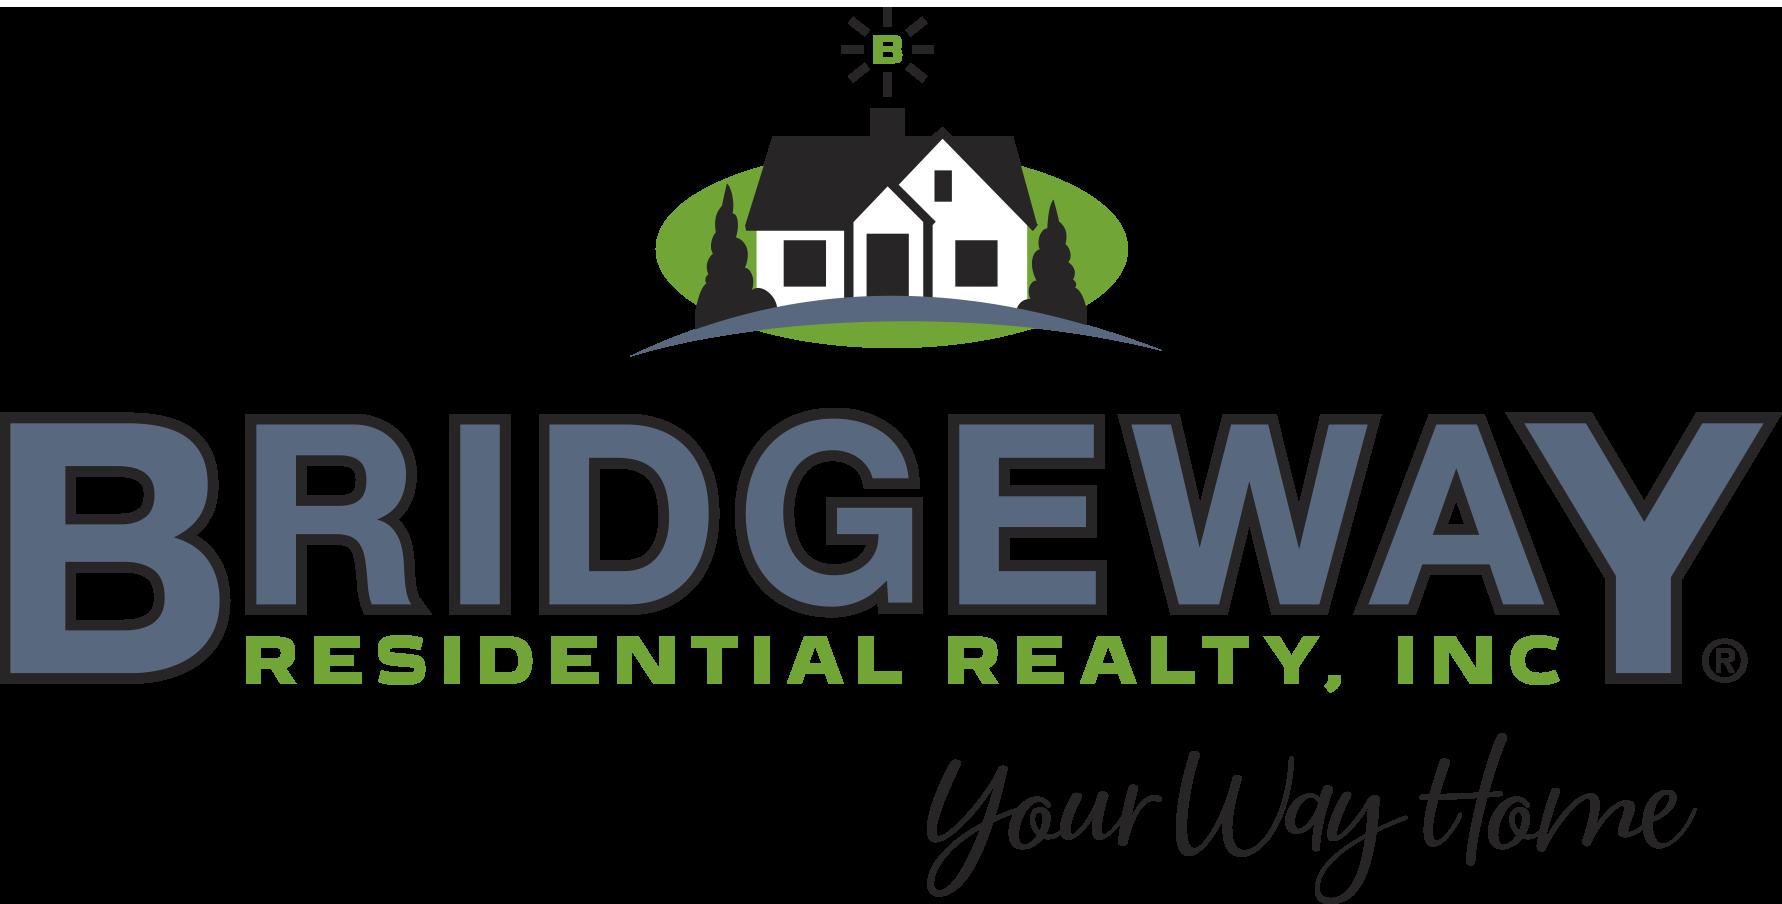 Bridgeway Residential Realty, Inc.